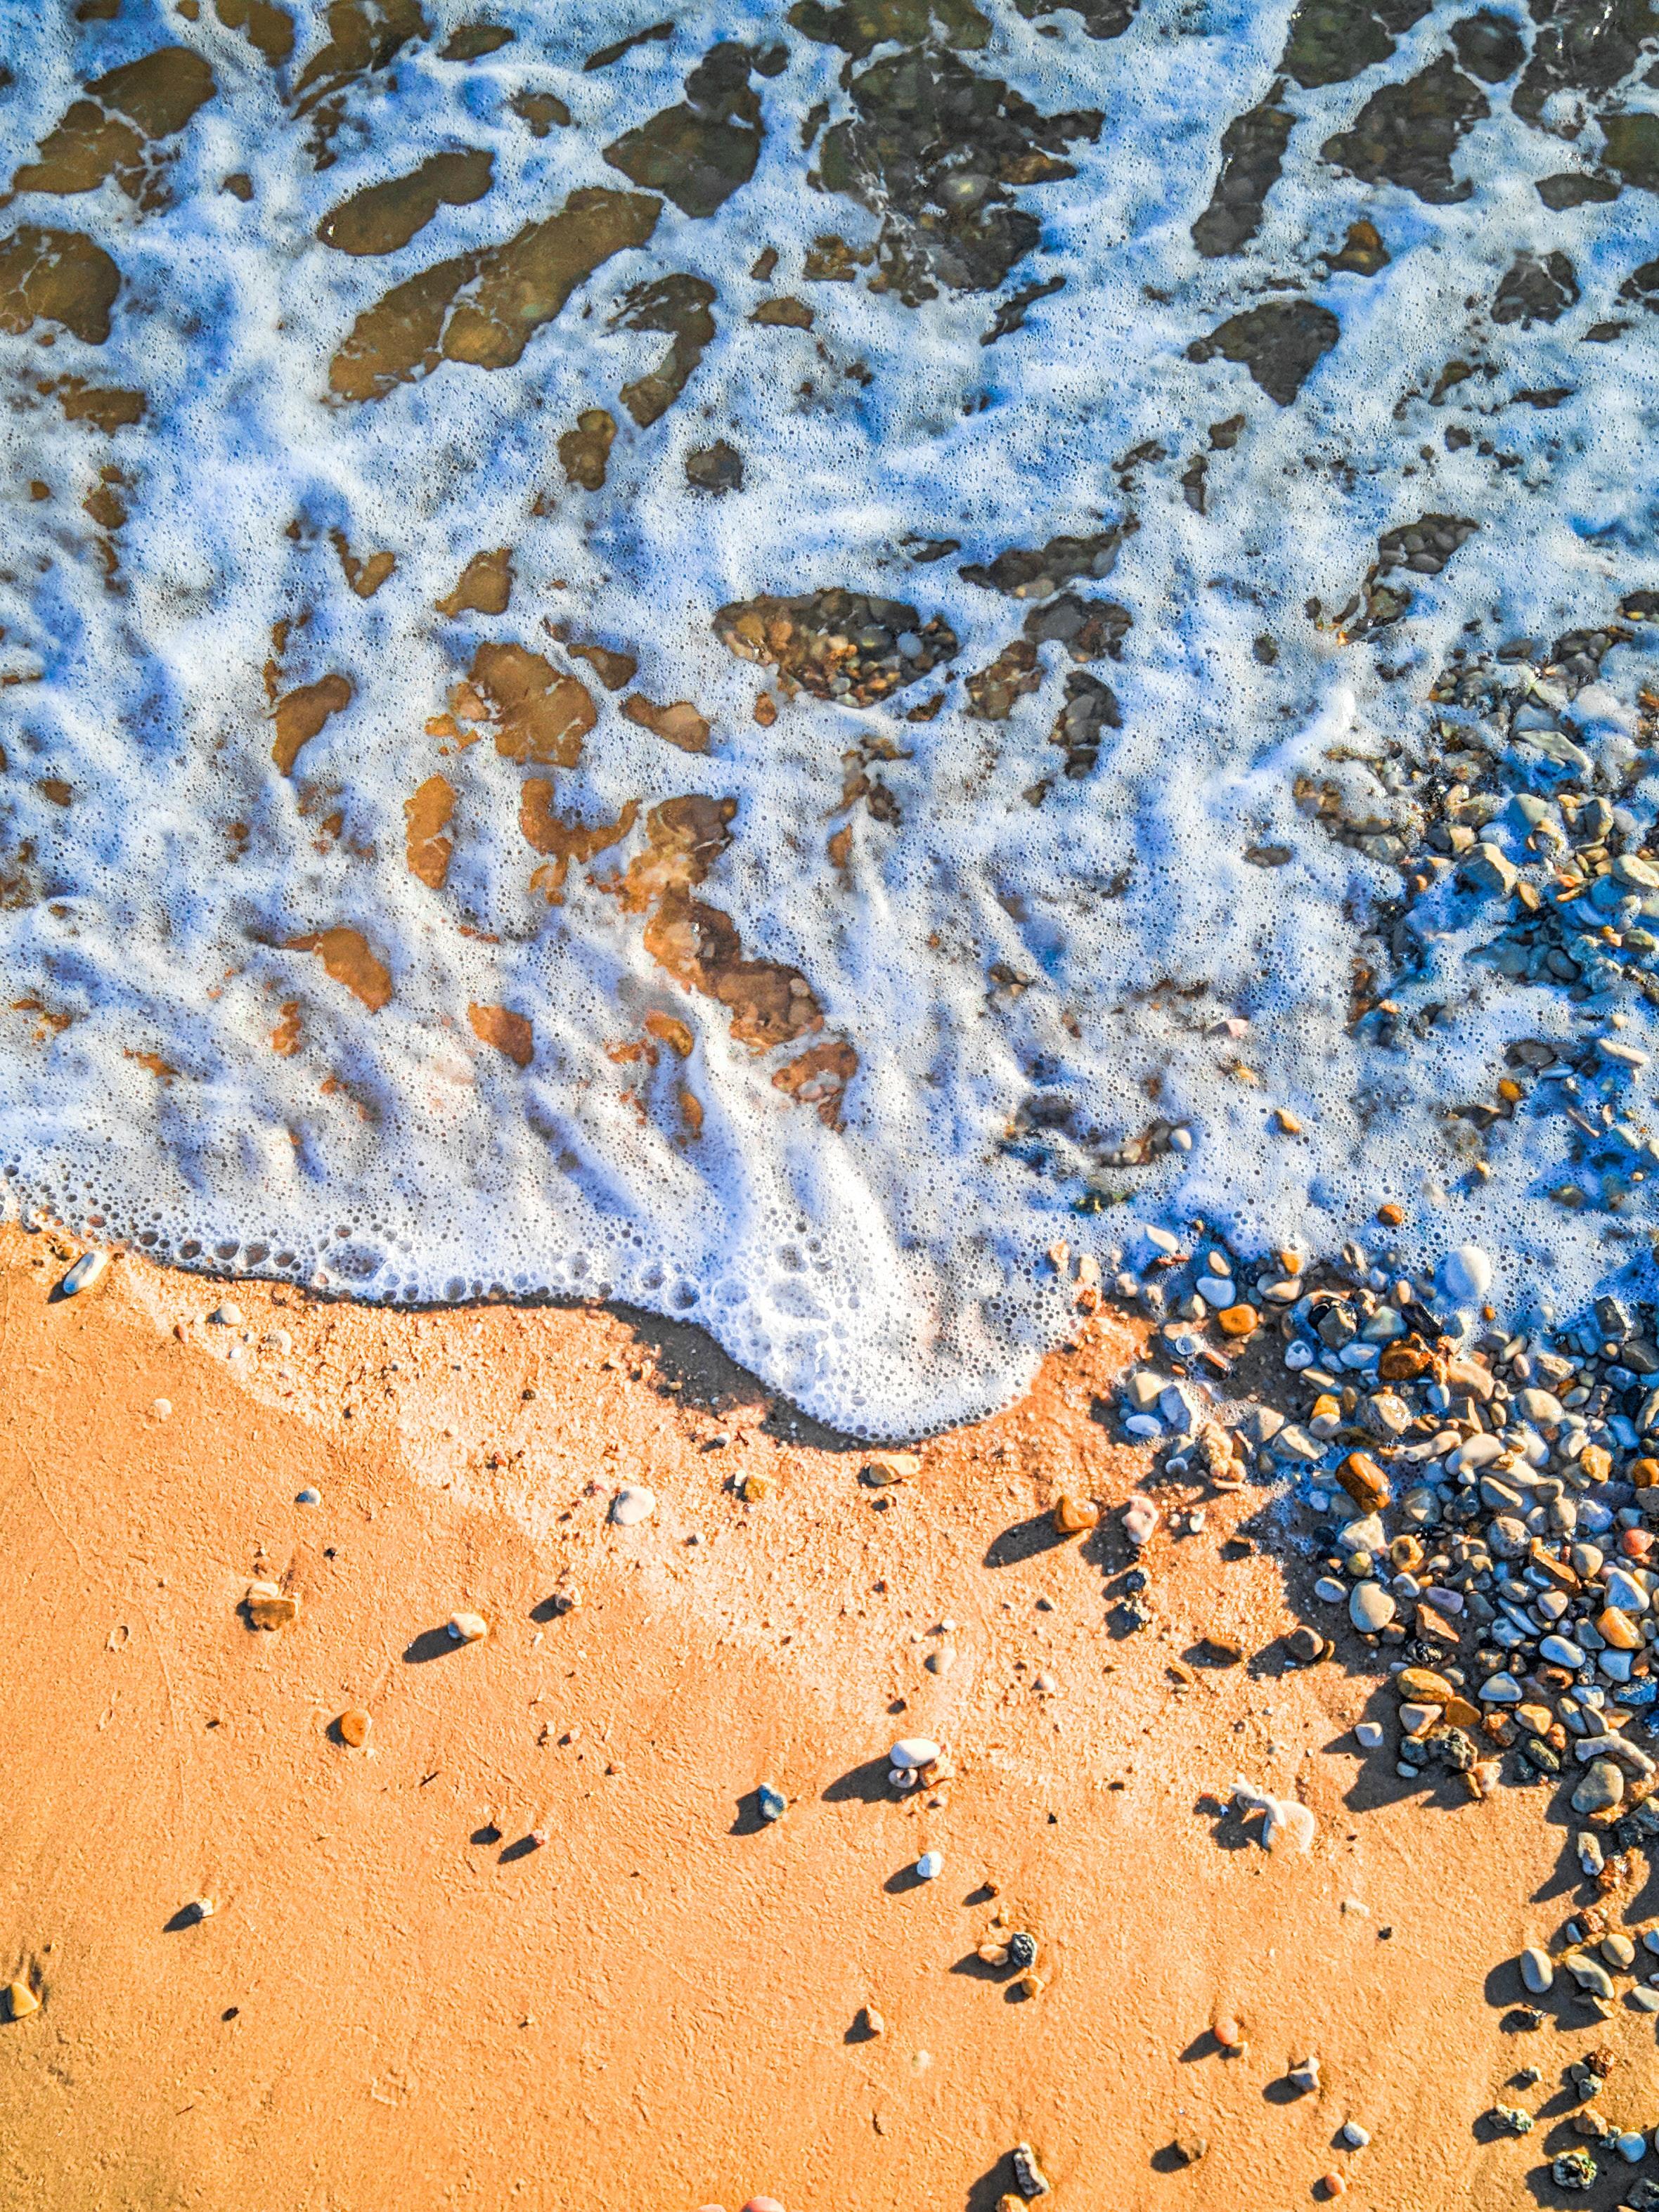 133192壁紙のダウンロード自然, ビーチ, 波, 小石, サンド, 海-スクリーンセーバーと写真を無料で